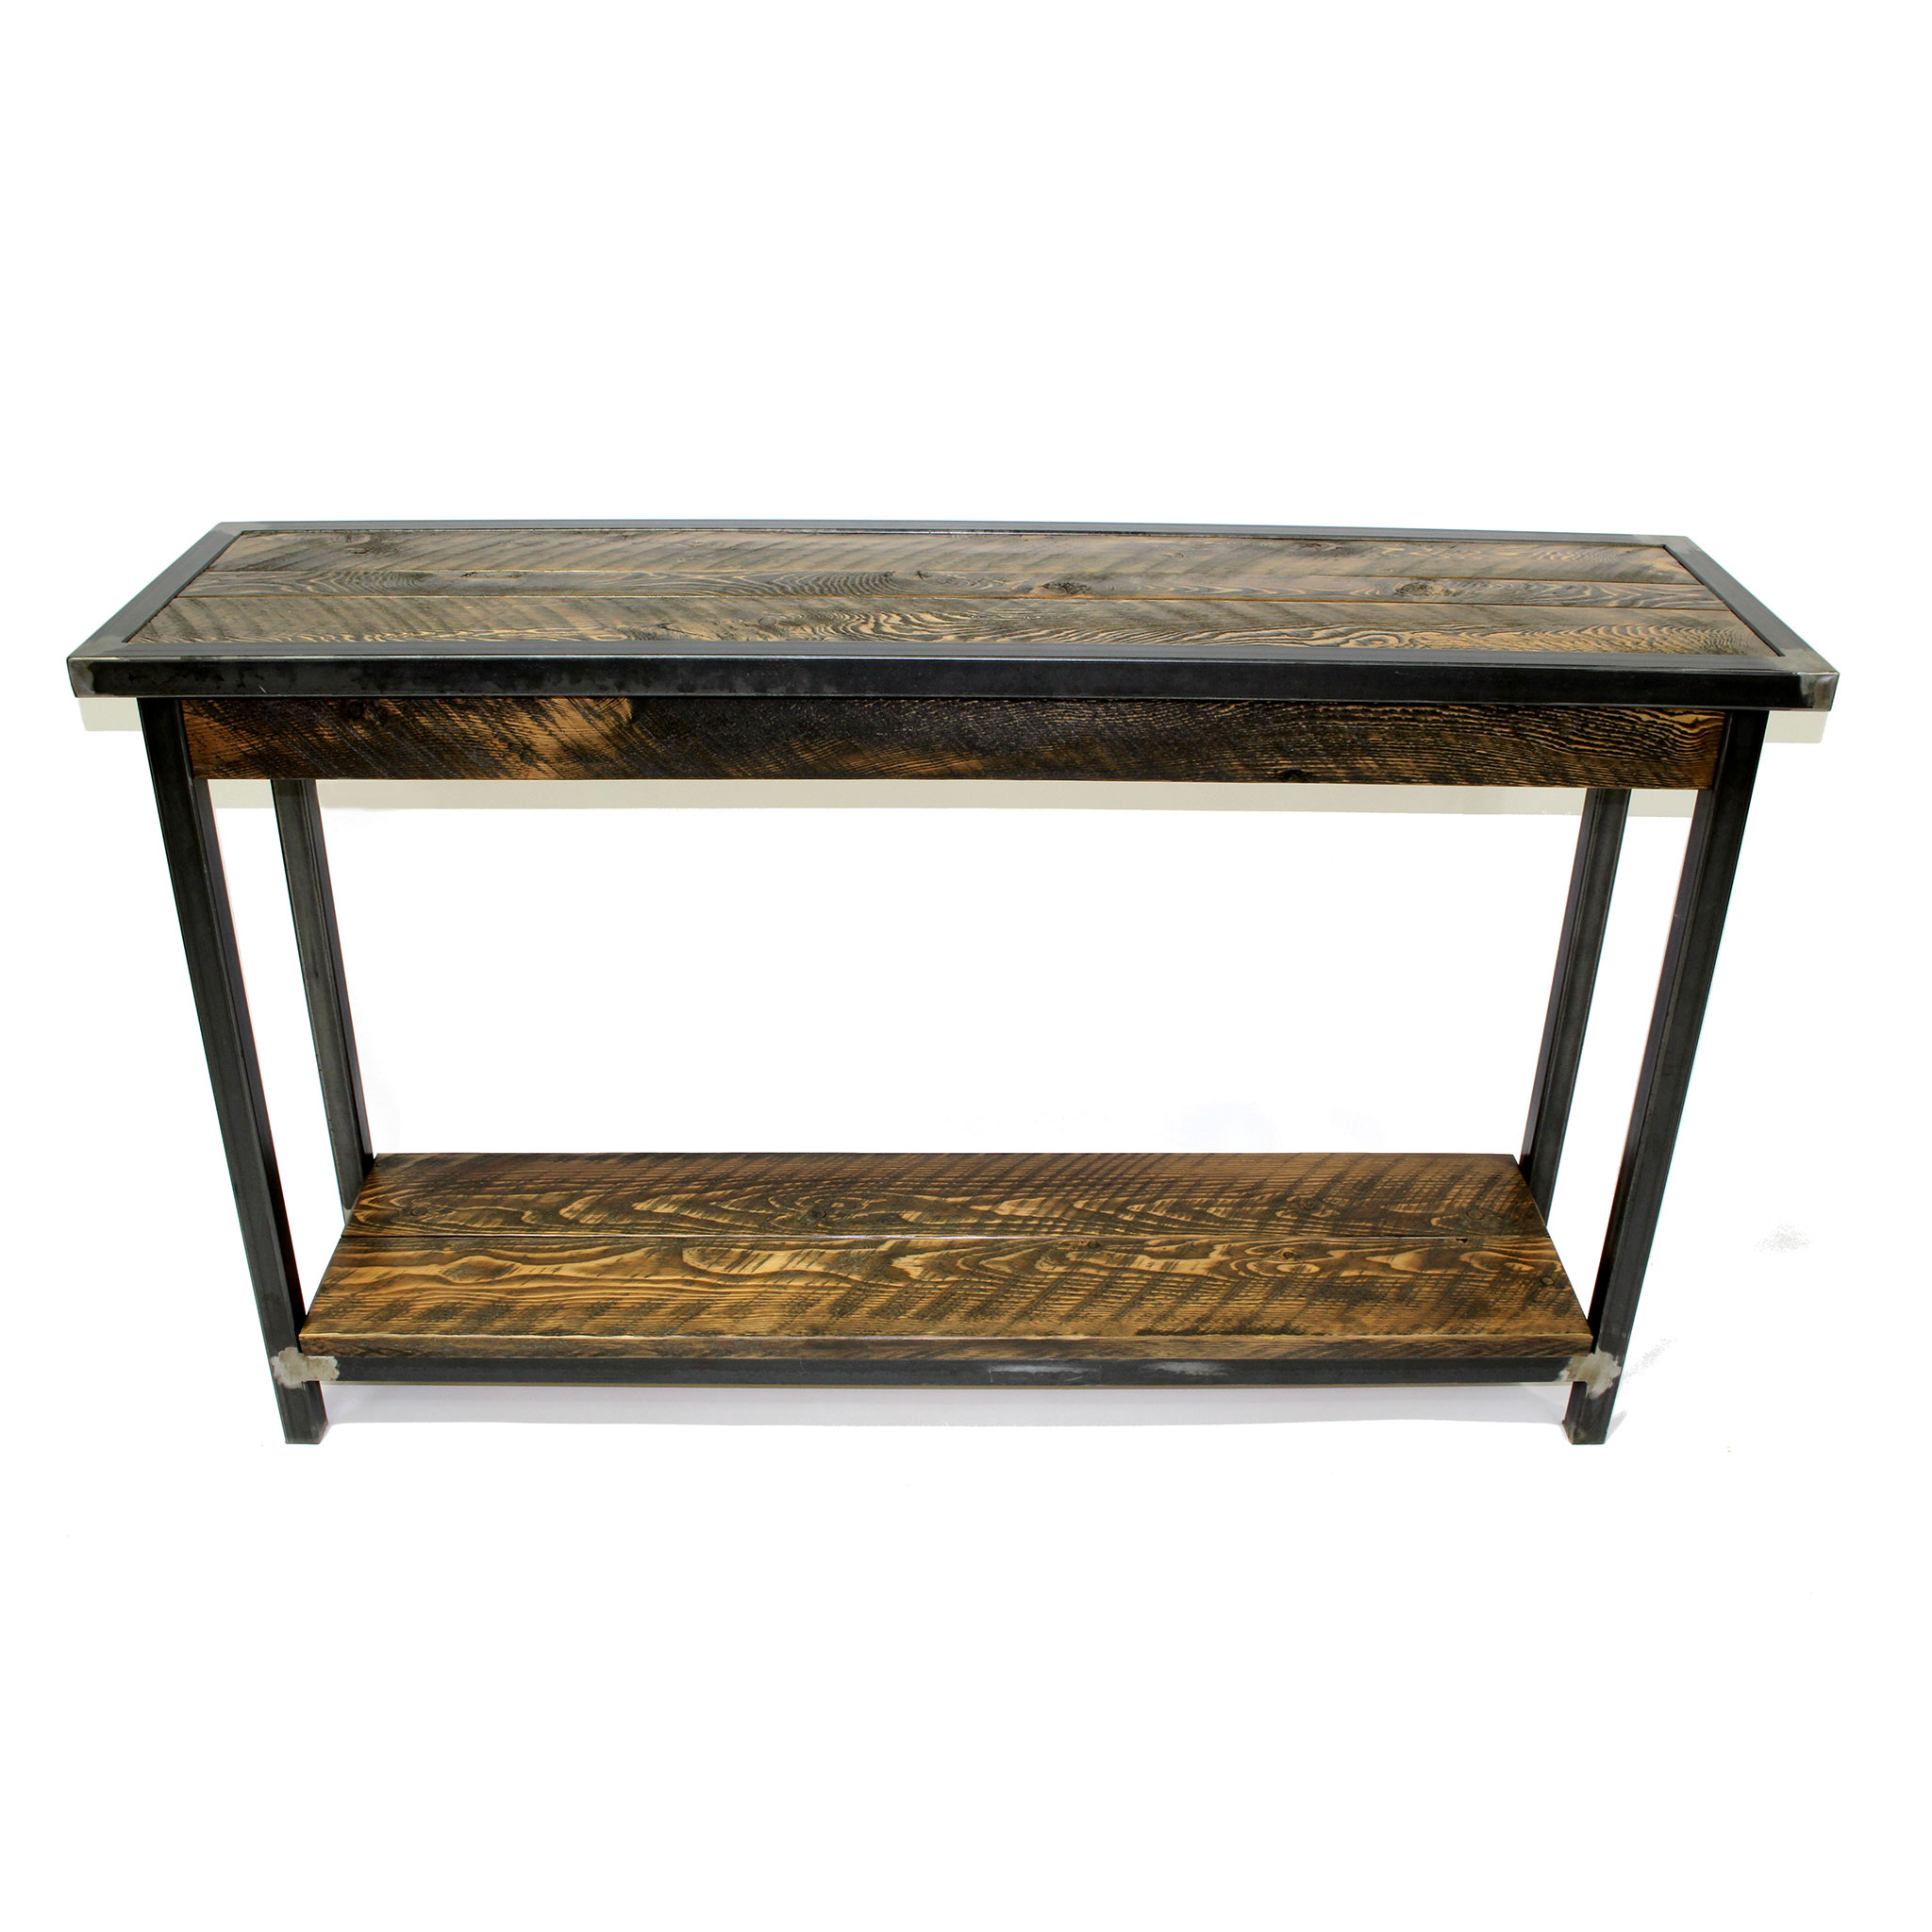 ENTRY/SOFA TABLE BOZEMAN MODERN METAL IN ROUGH SAWN